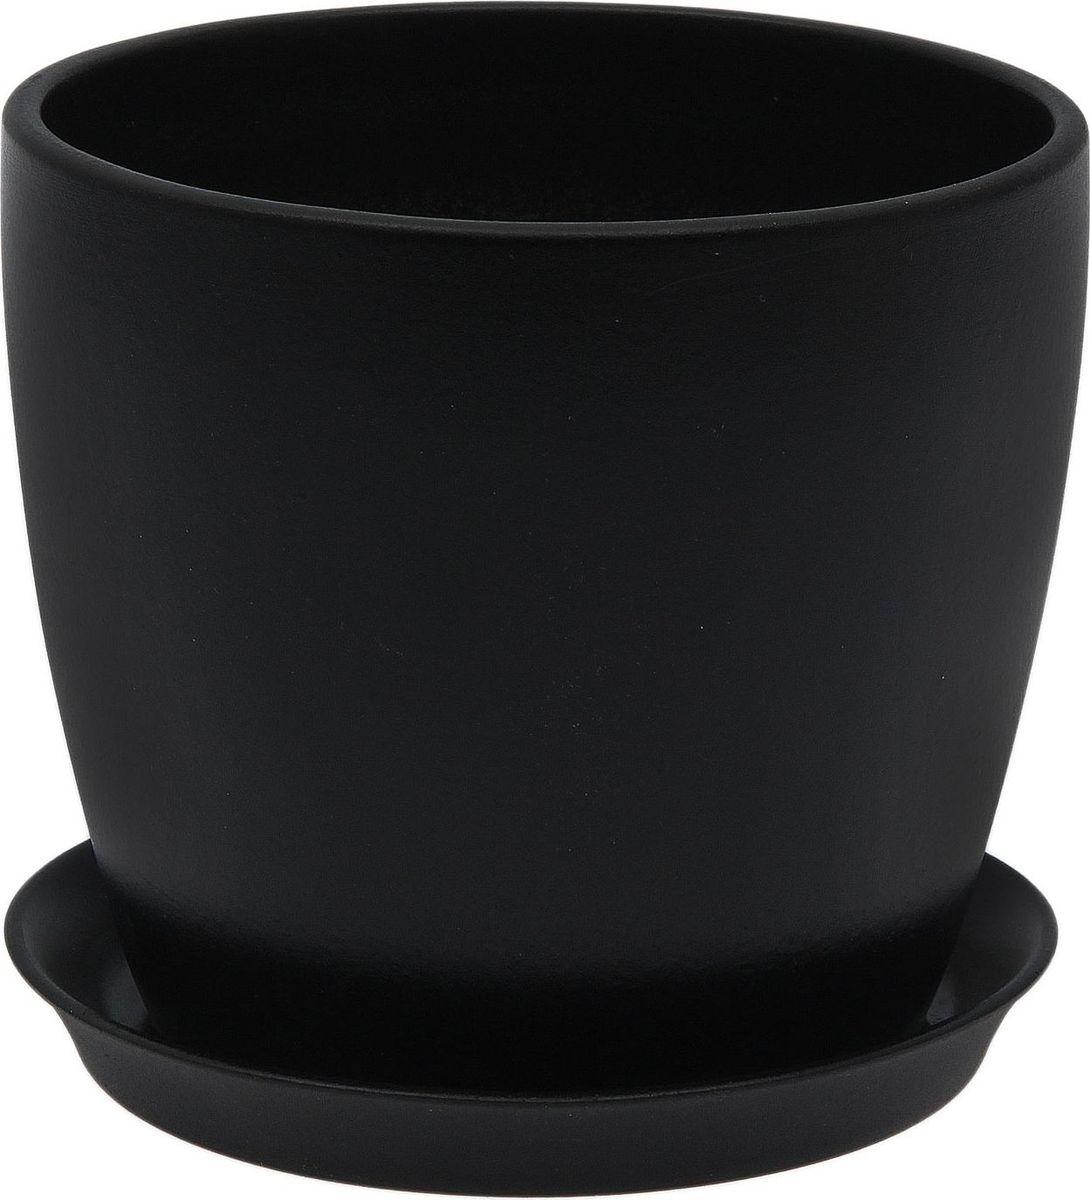 Кашпо Керамика ручной работы Осень. Лак, цвет: черный, 1 л1968856Комнатные растения — всеобщие любимцы. Они радуют глаз, насыщают помещение кислородом и украшают пространство. Каждому из них необходим свой удобный и красивый дом. Кашпо из керамики прекрасно подходят для высадки растений: за счёт пластичности глины и разных способов обработки существует великое множество форм и дизайновпористый материал позволяет испаряться лишней влагевоздух, необходимый для дыхания корней, проникает сквозь керамические стенки! #name# позаботится о зелёном питомце, освежит интерьер и подчеркнёт его стиль.